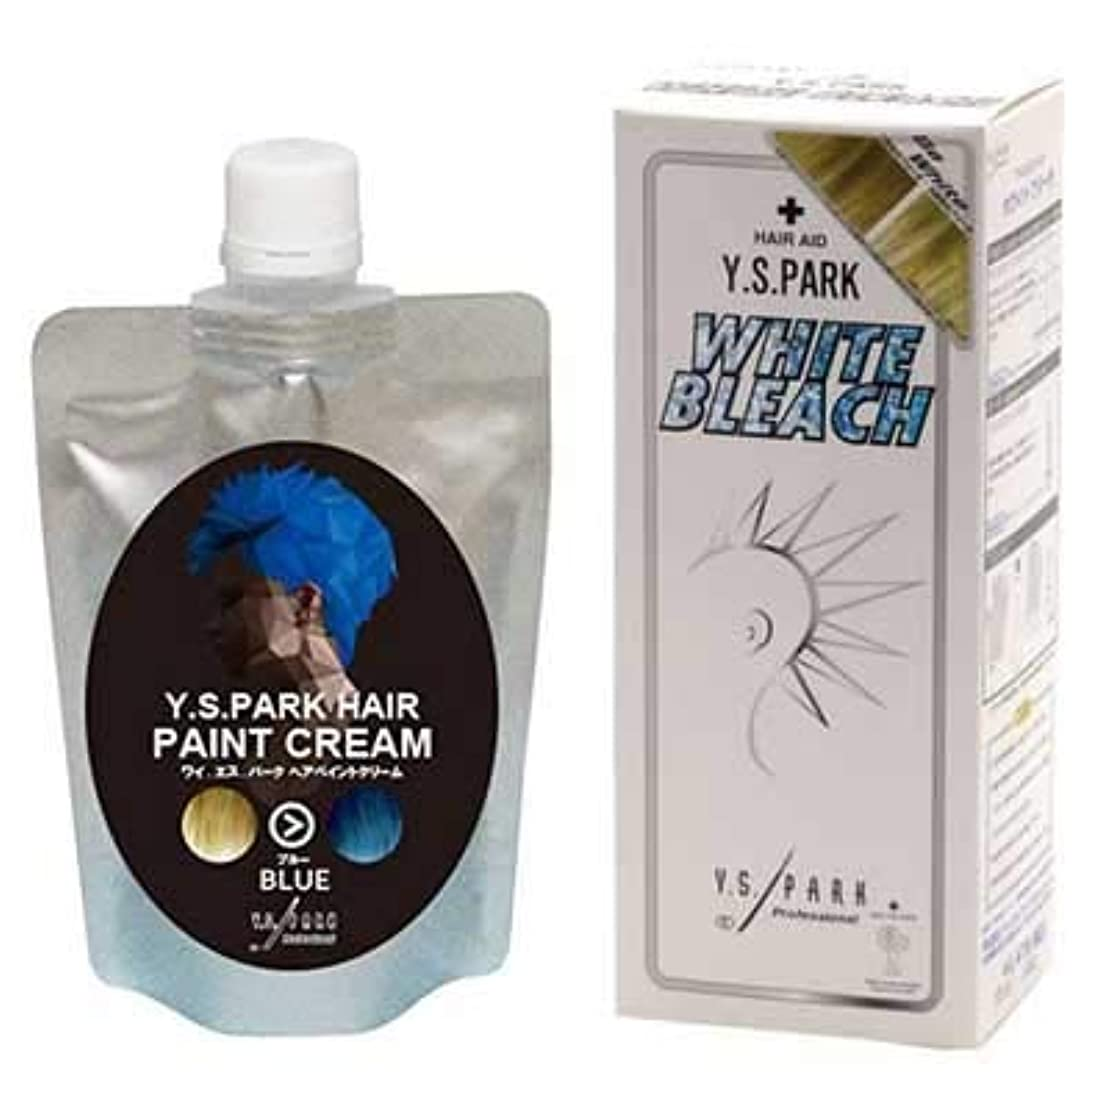 マスク自分偏差Y.S.PARKヘアペイントクリーム ブルー 200g & Y.S.PARKホワイトブリーチセット